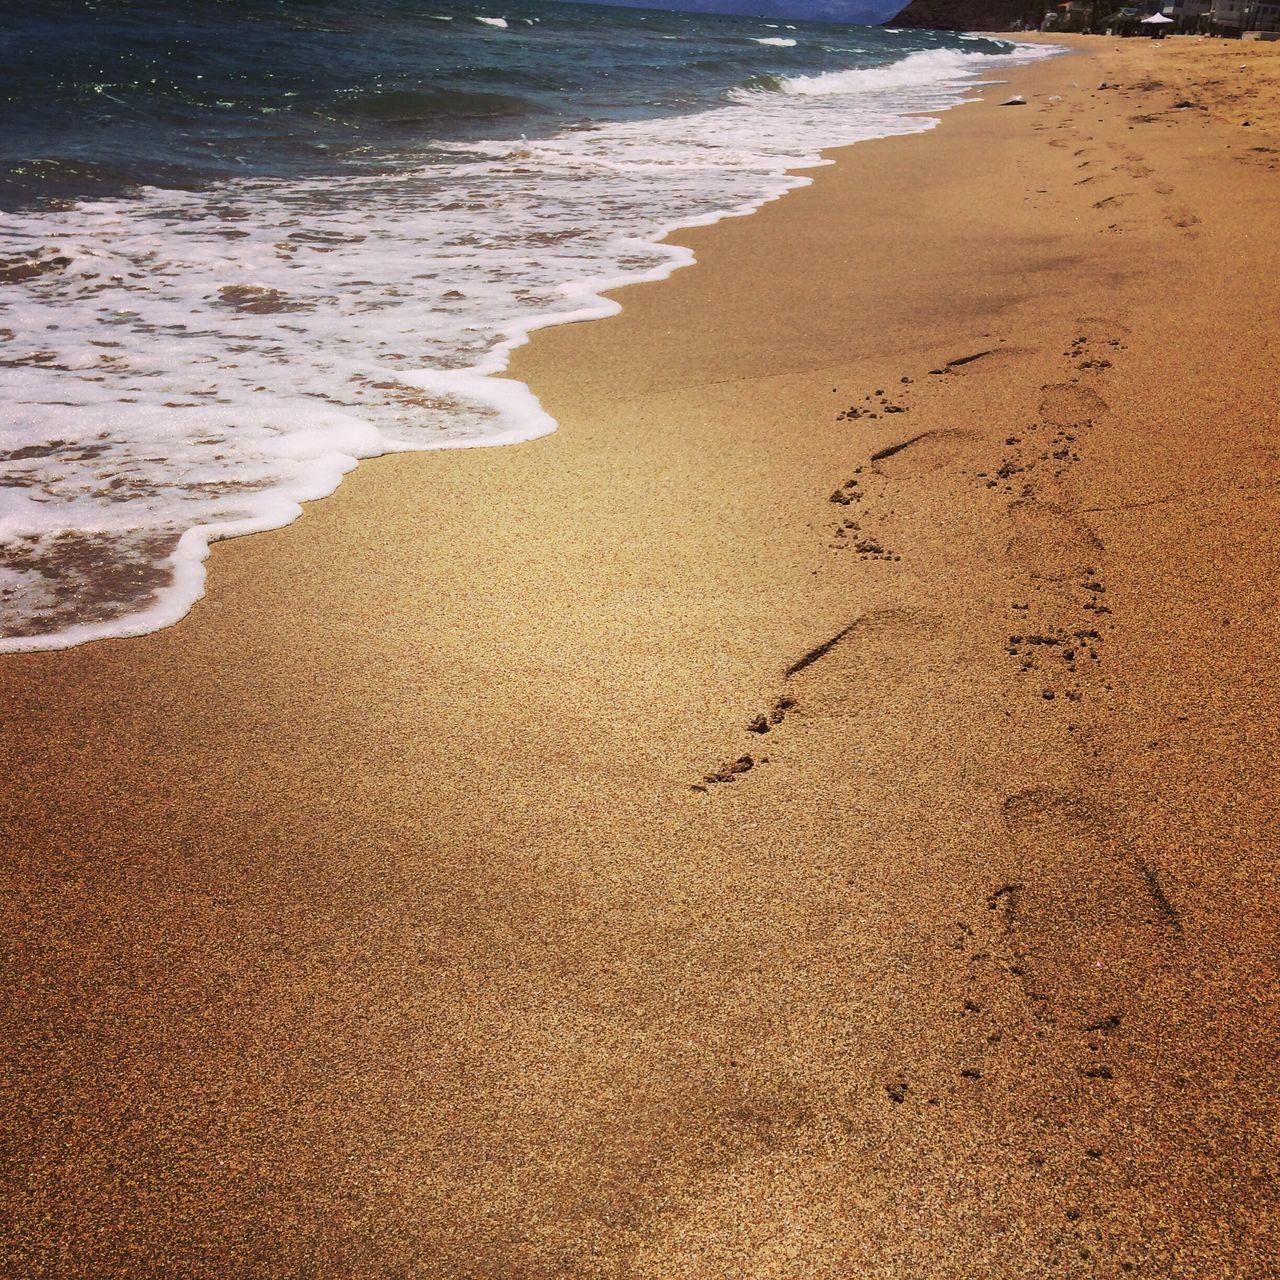 Huellas En La Vida Huellas Playa #beach Olas Del Mar